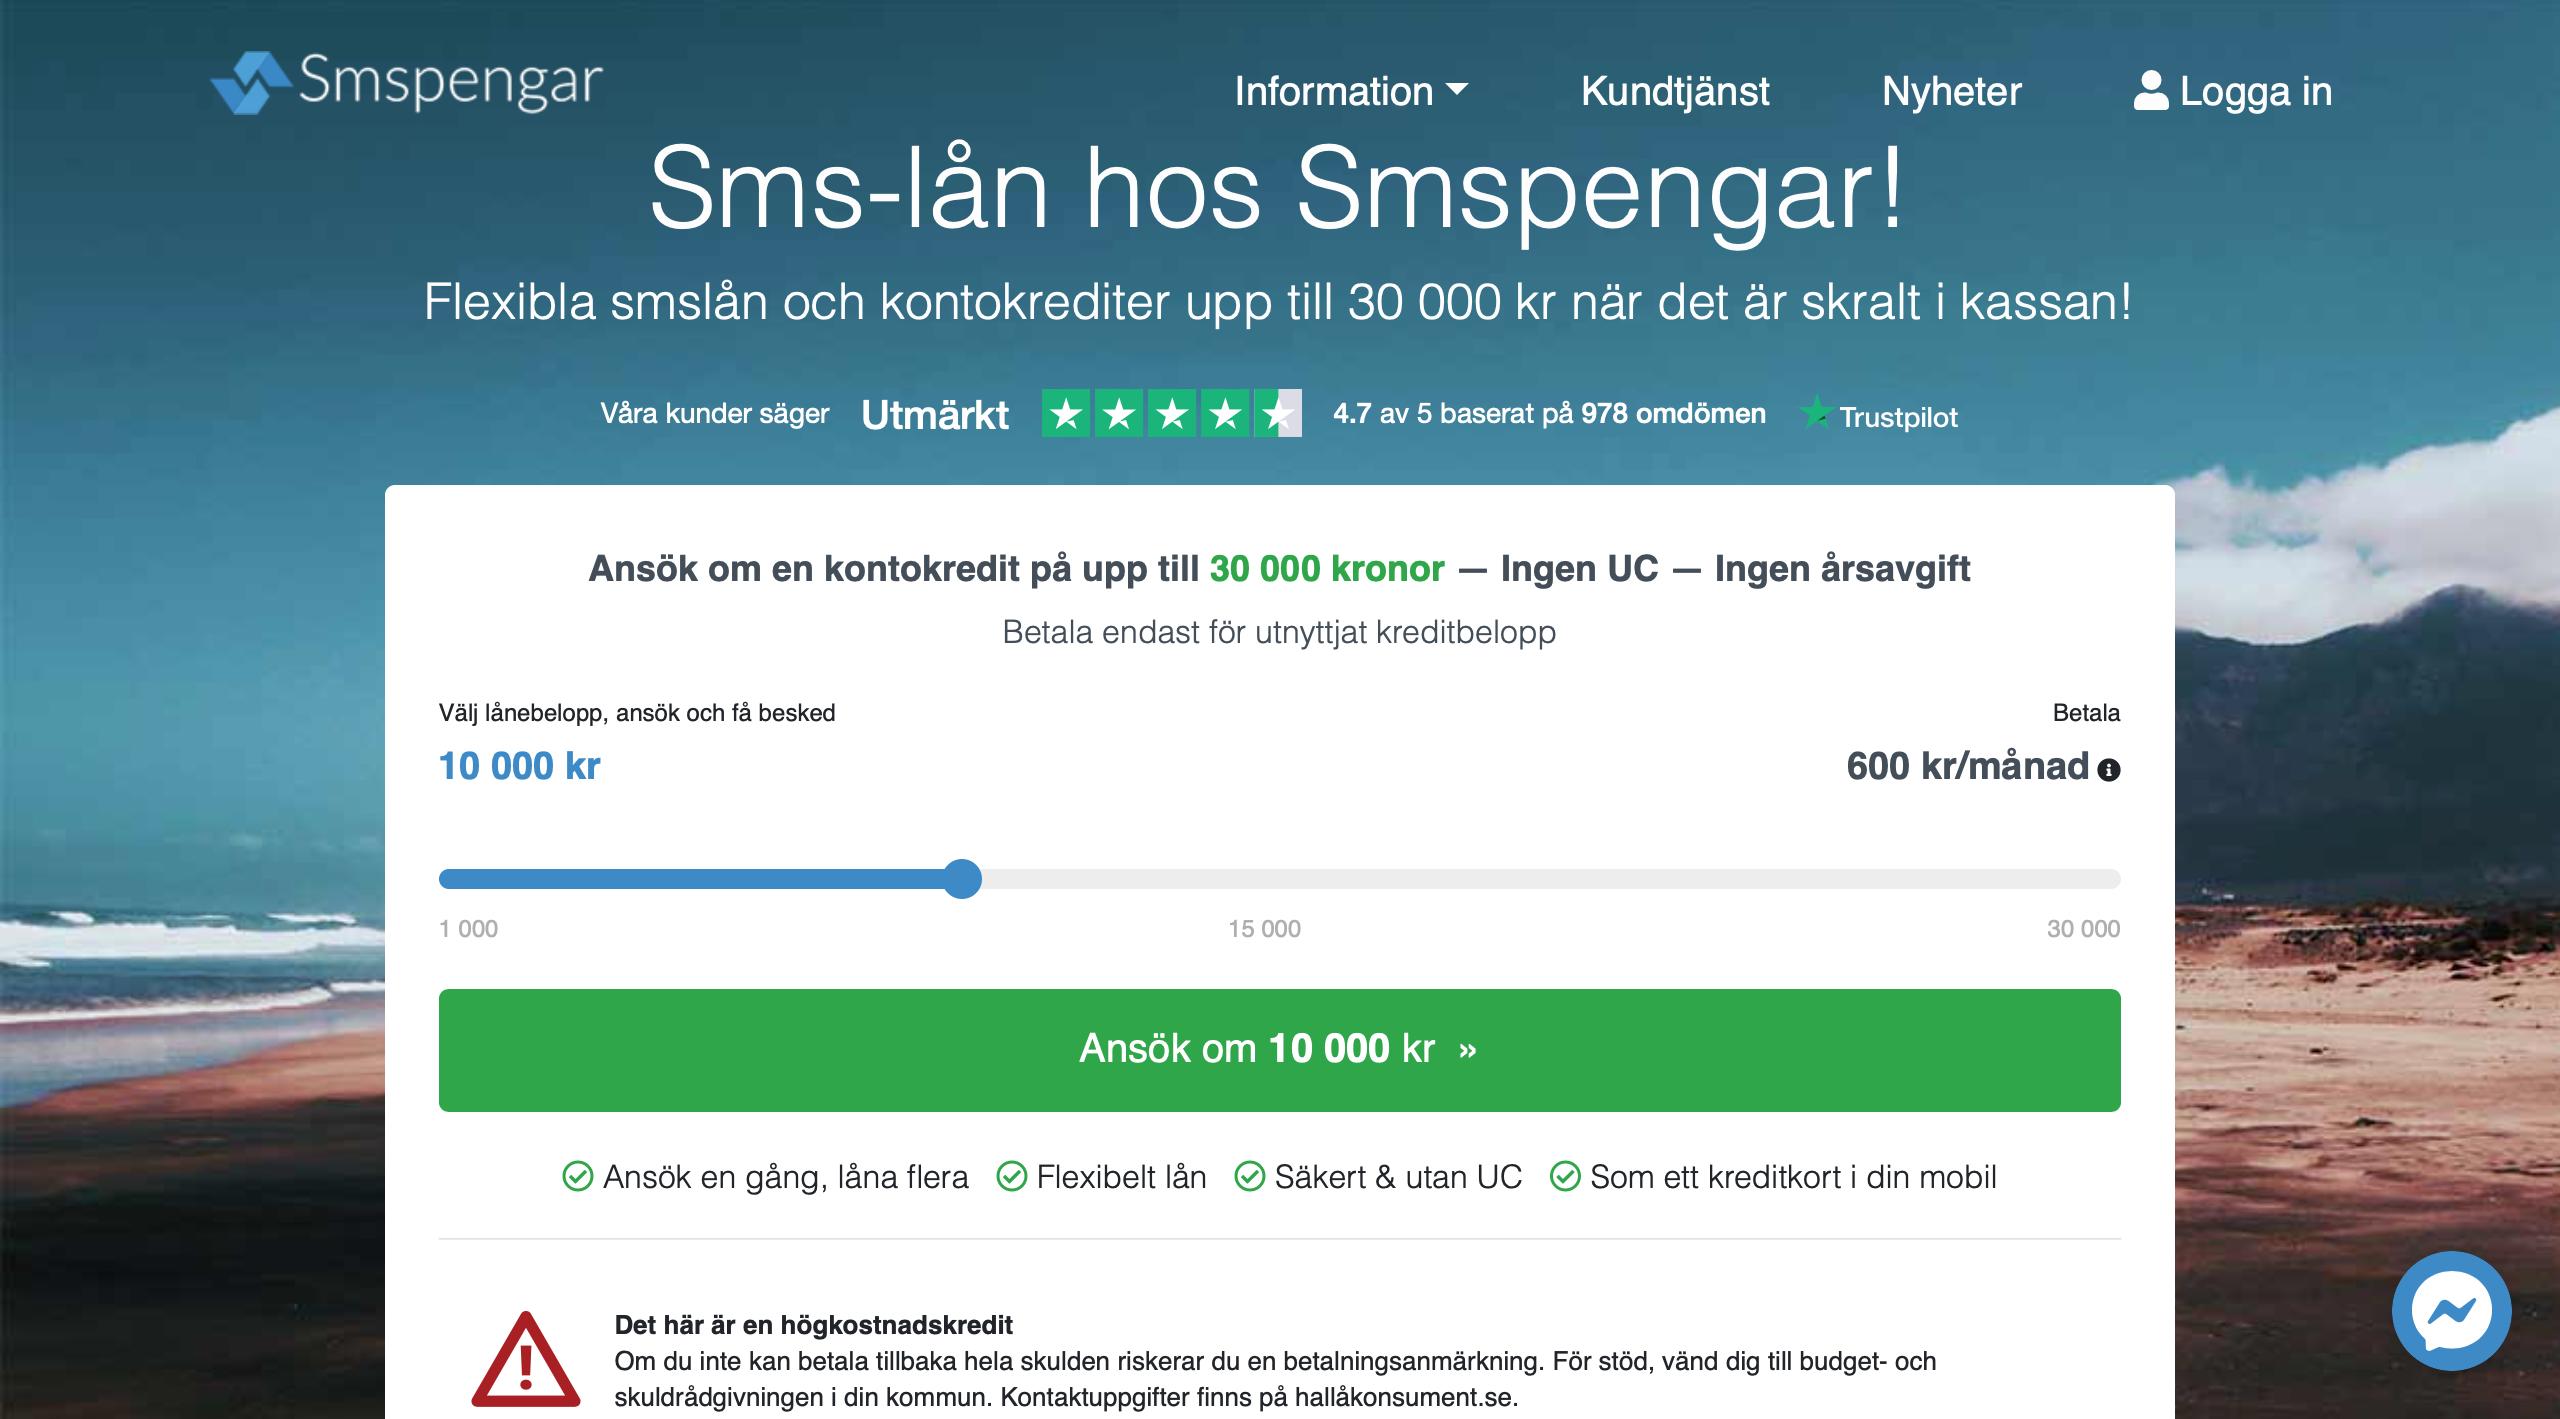 SMSPengar